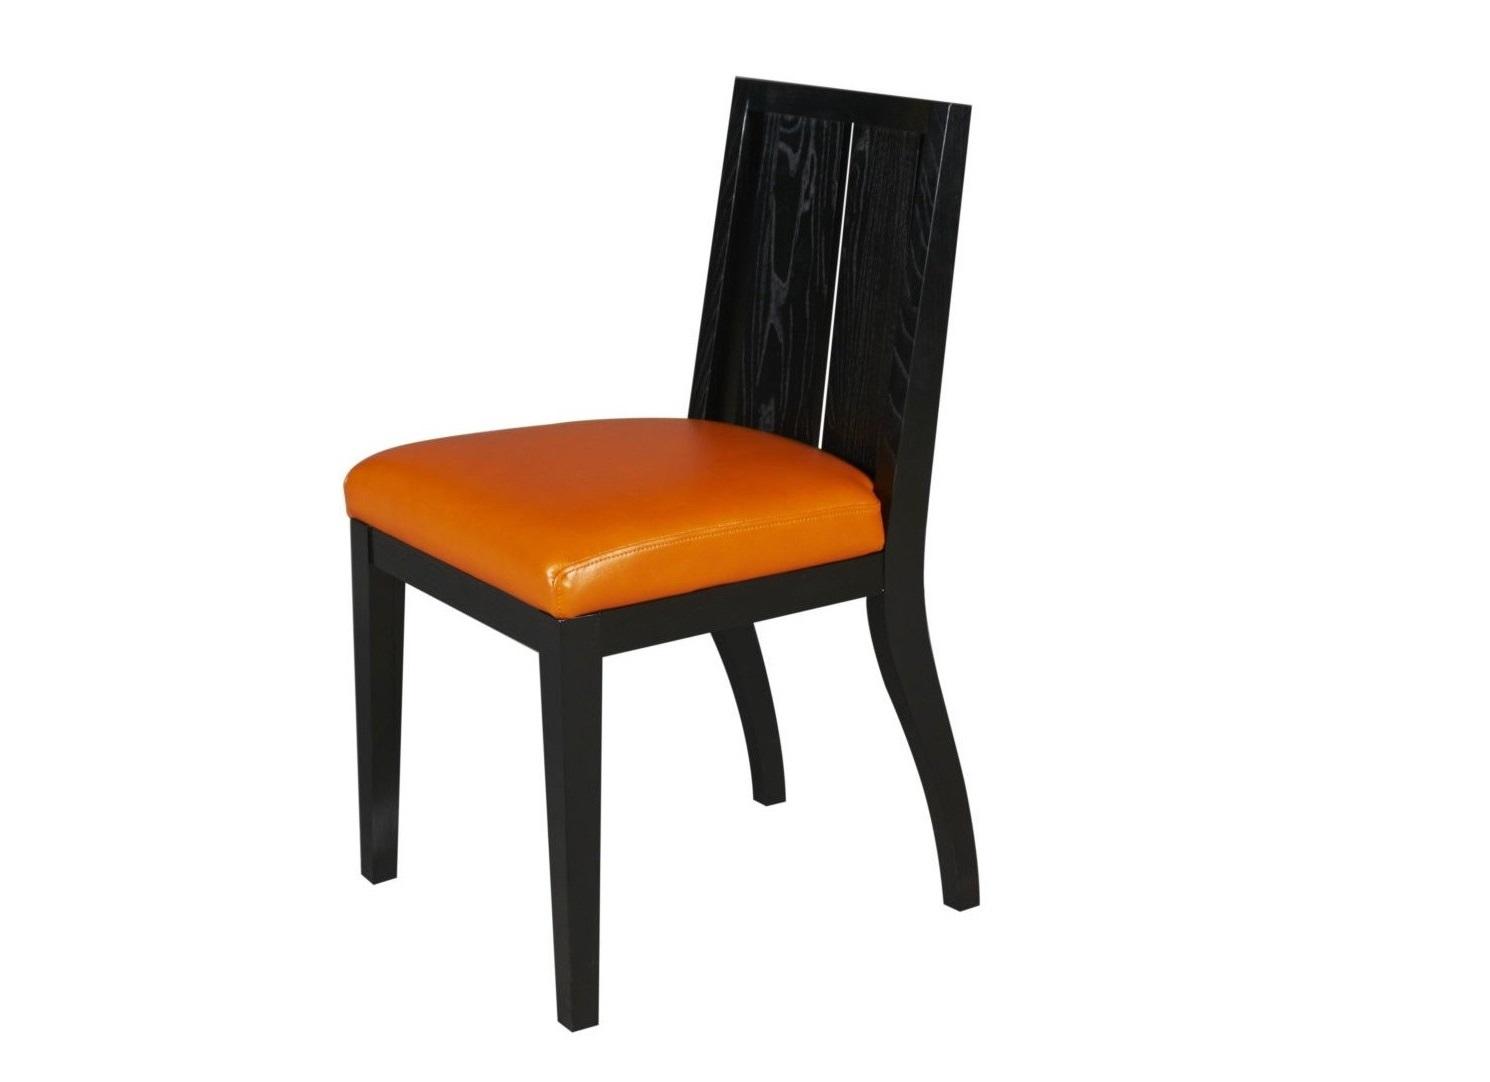 Стул AldoОбеденные стулья<br><br><br>Material: Дерево<br>Ширина см: 54<br>Высота см: 86<br>Глубина см: 50